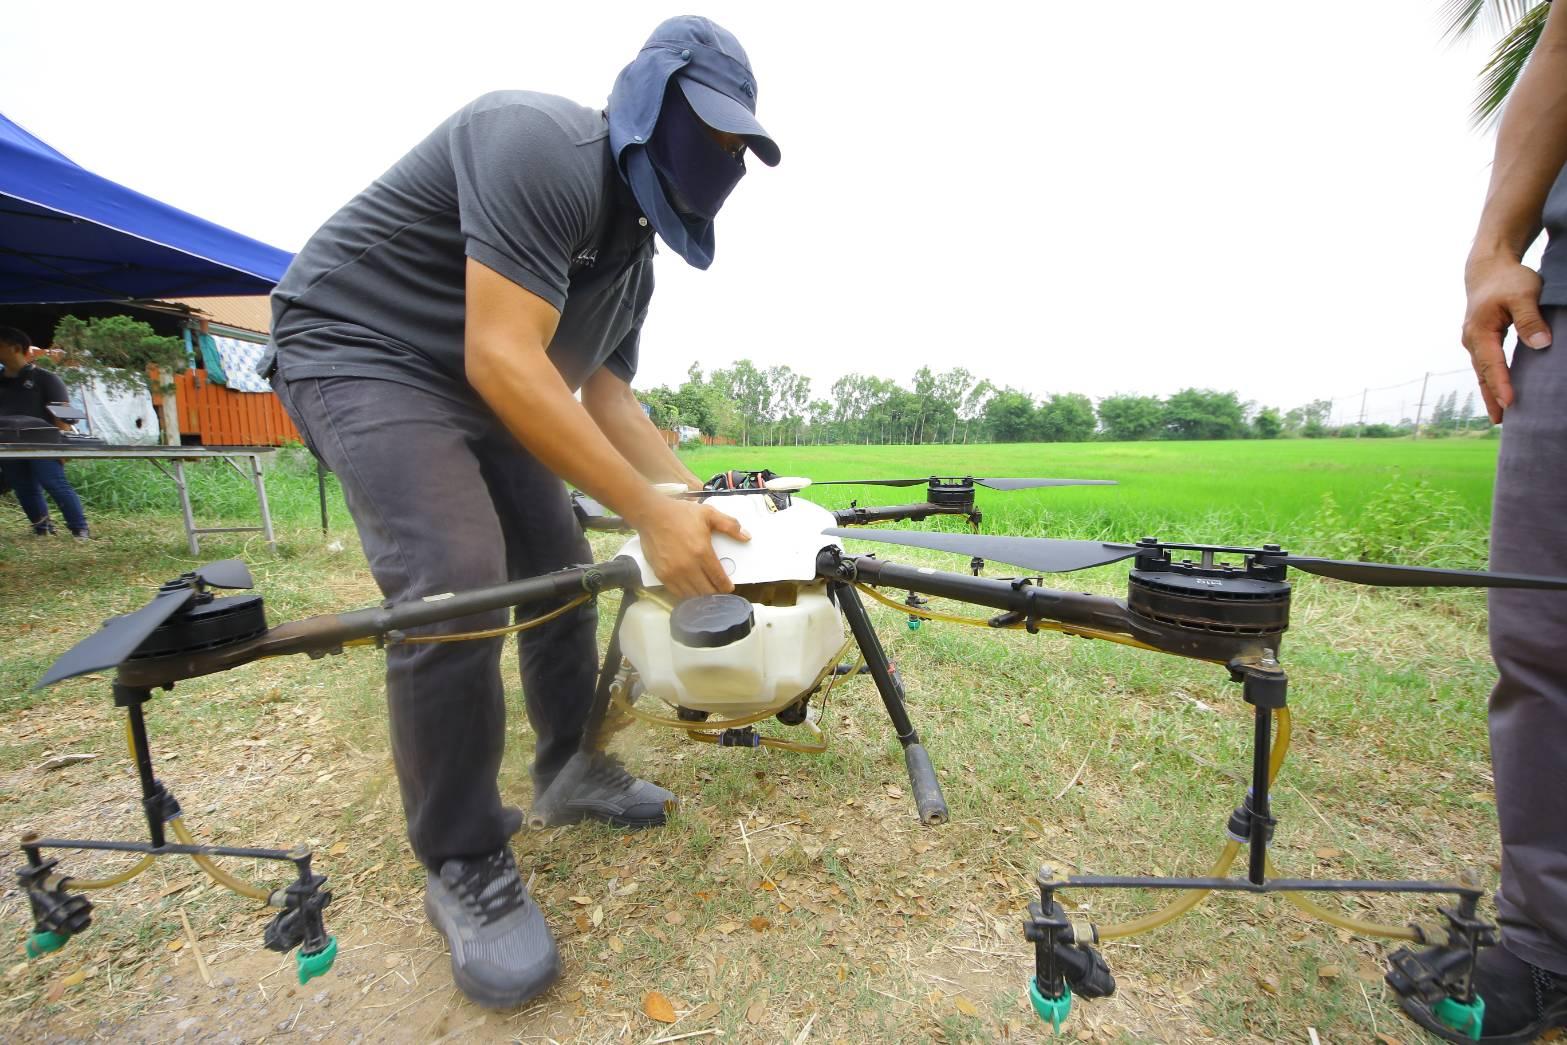 ใช้ระบบประมวลผลภาพดิจิทัลร่วมกับโดรนเพื่อการเกษตร จะได้ผลผลิตที่ 2,428 กิโลกรัม